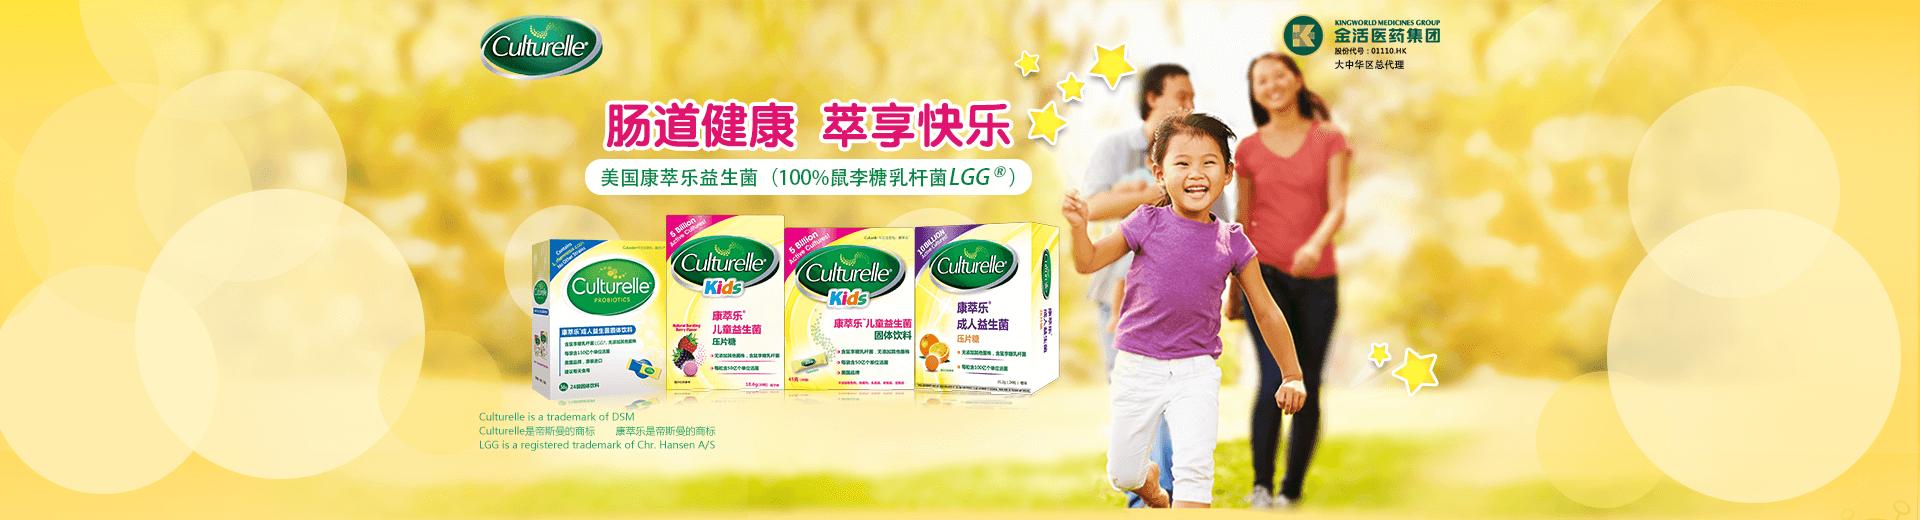 健康的孩子,快乐的想象力,美国康萃乐益生菌(100%鼠李糖乳杆菌Lactobacillus GG)